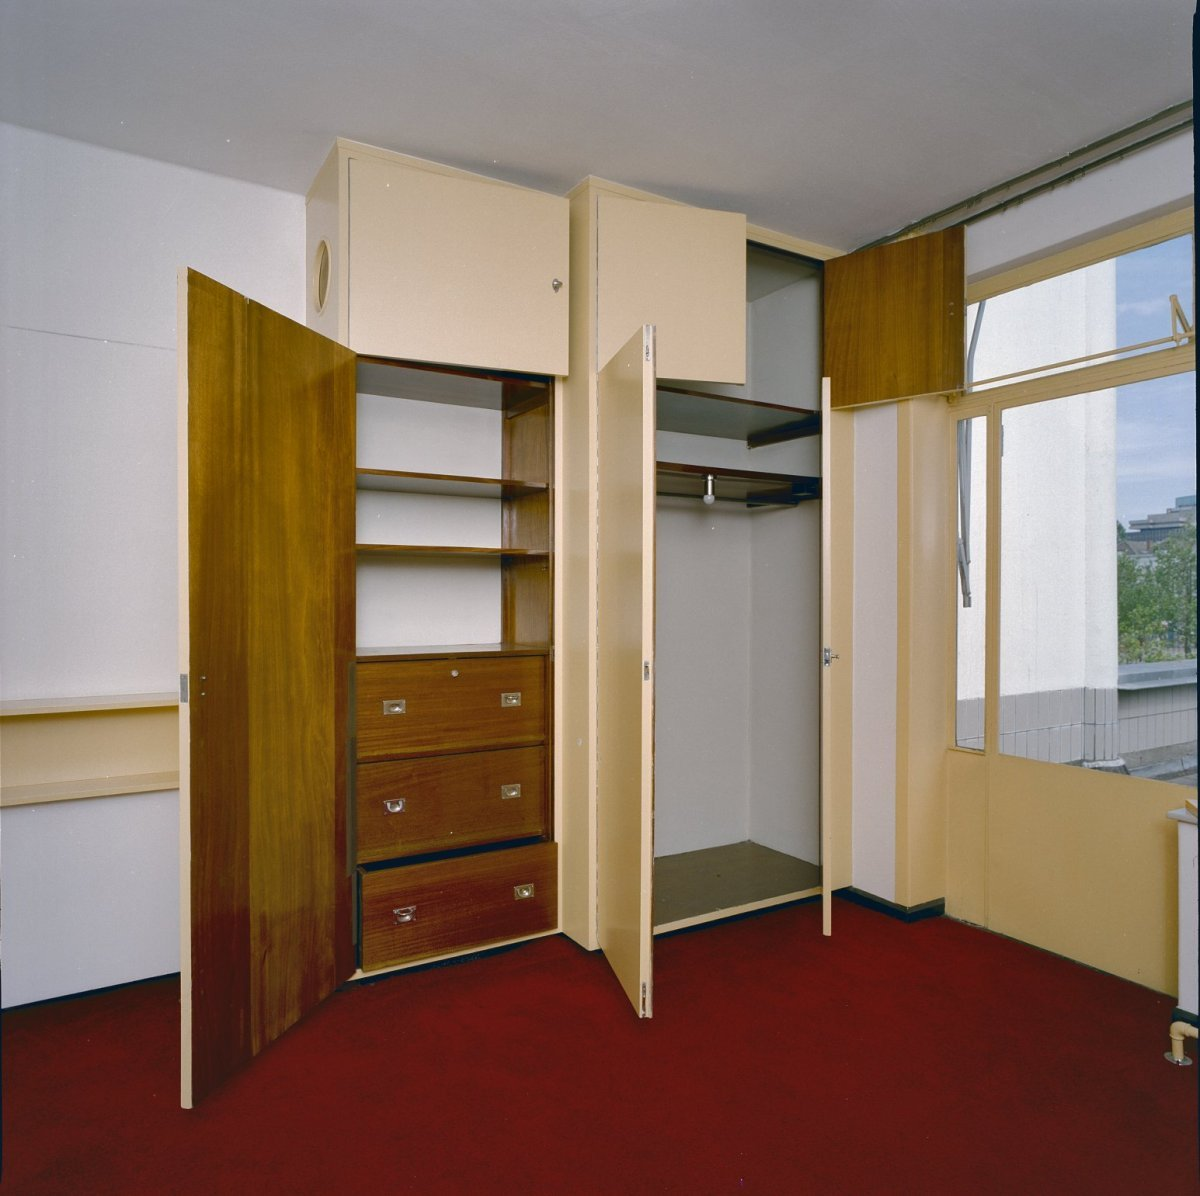 Kast Met Slot : Slaapkamer kast met slot lage kast slaapkamer cartoonbox info